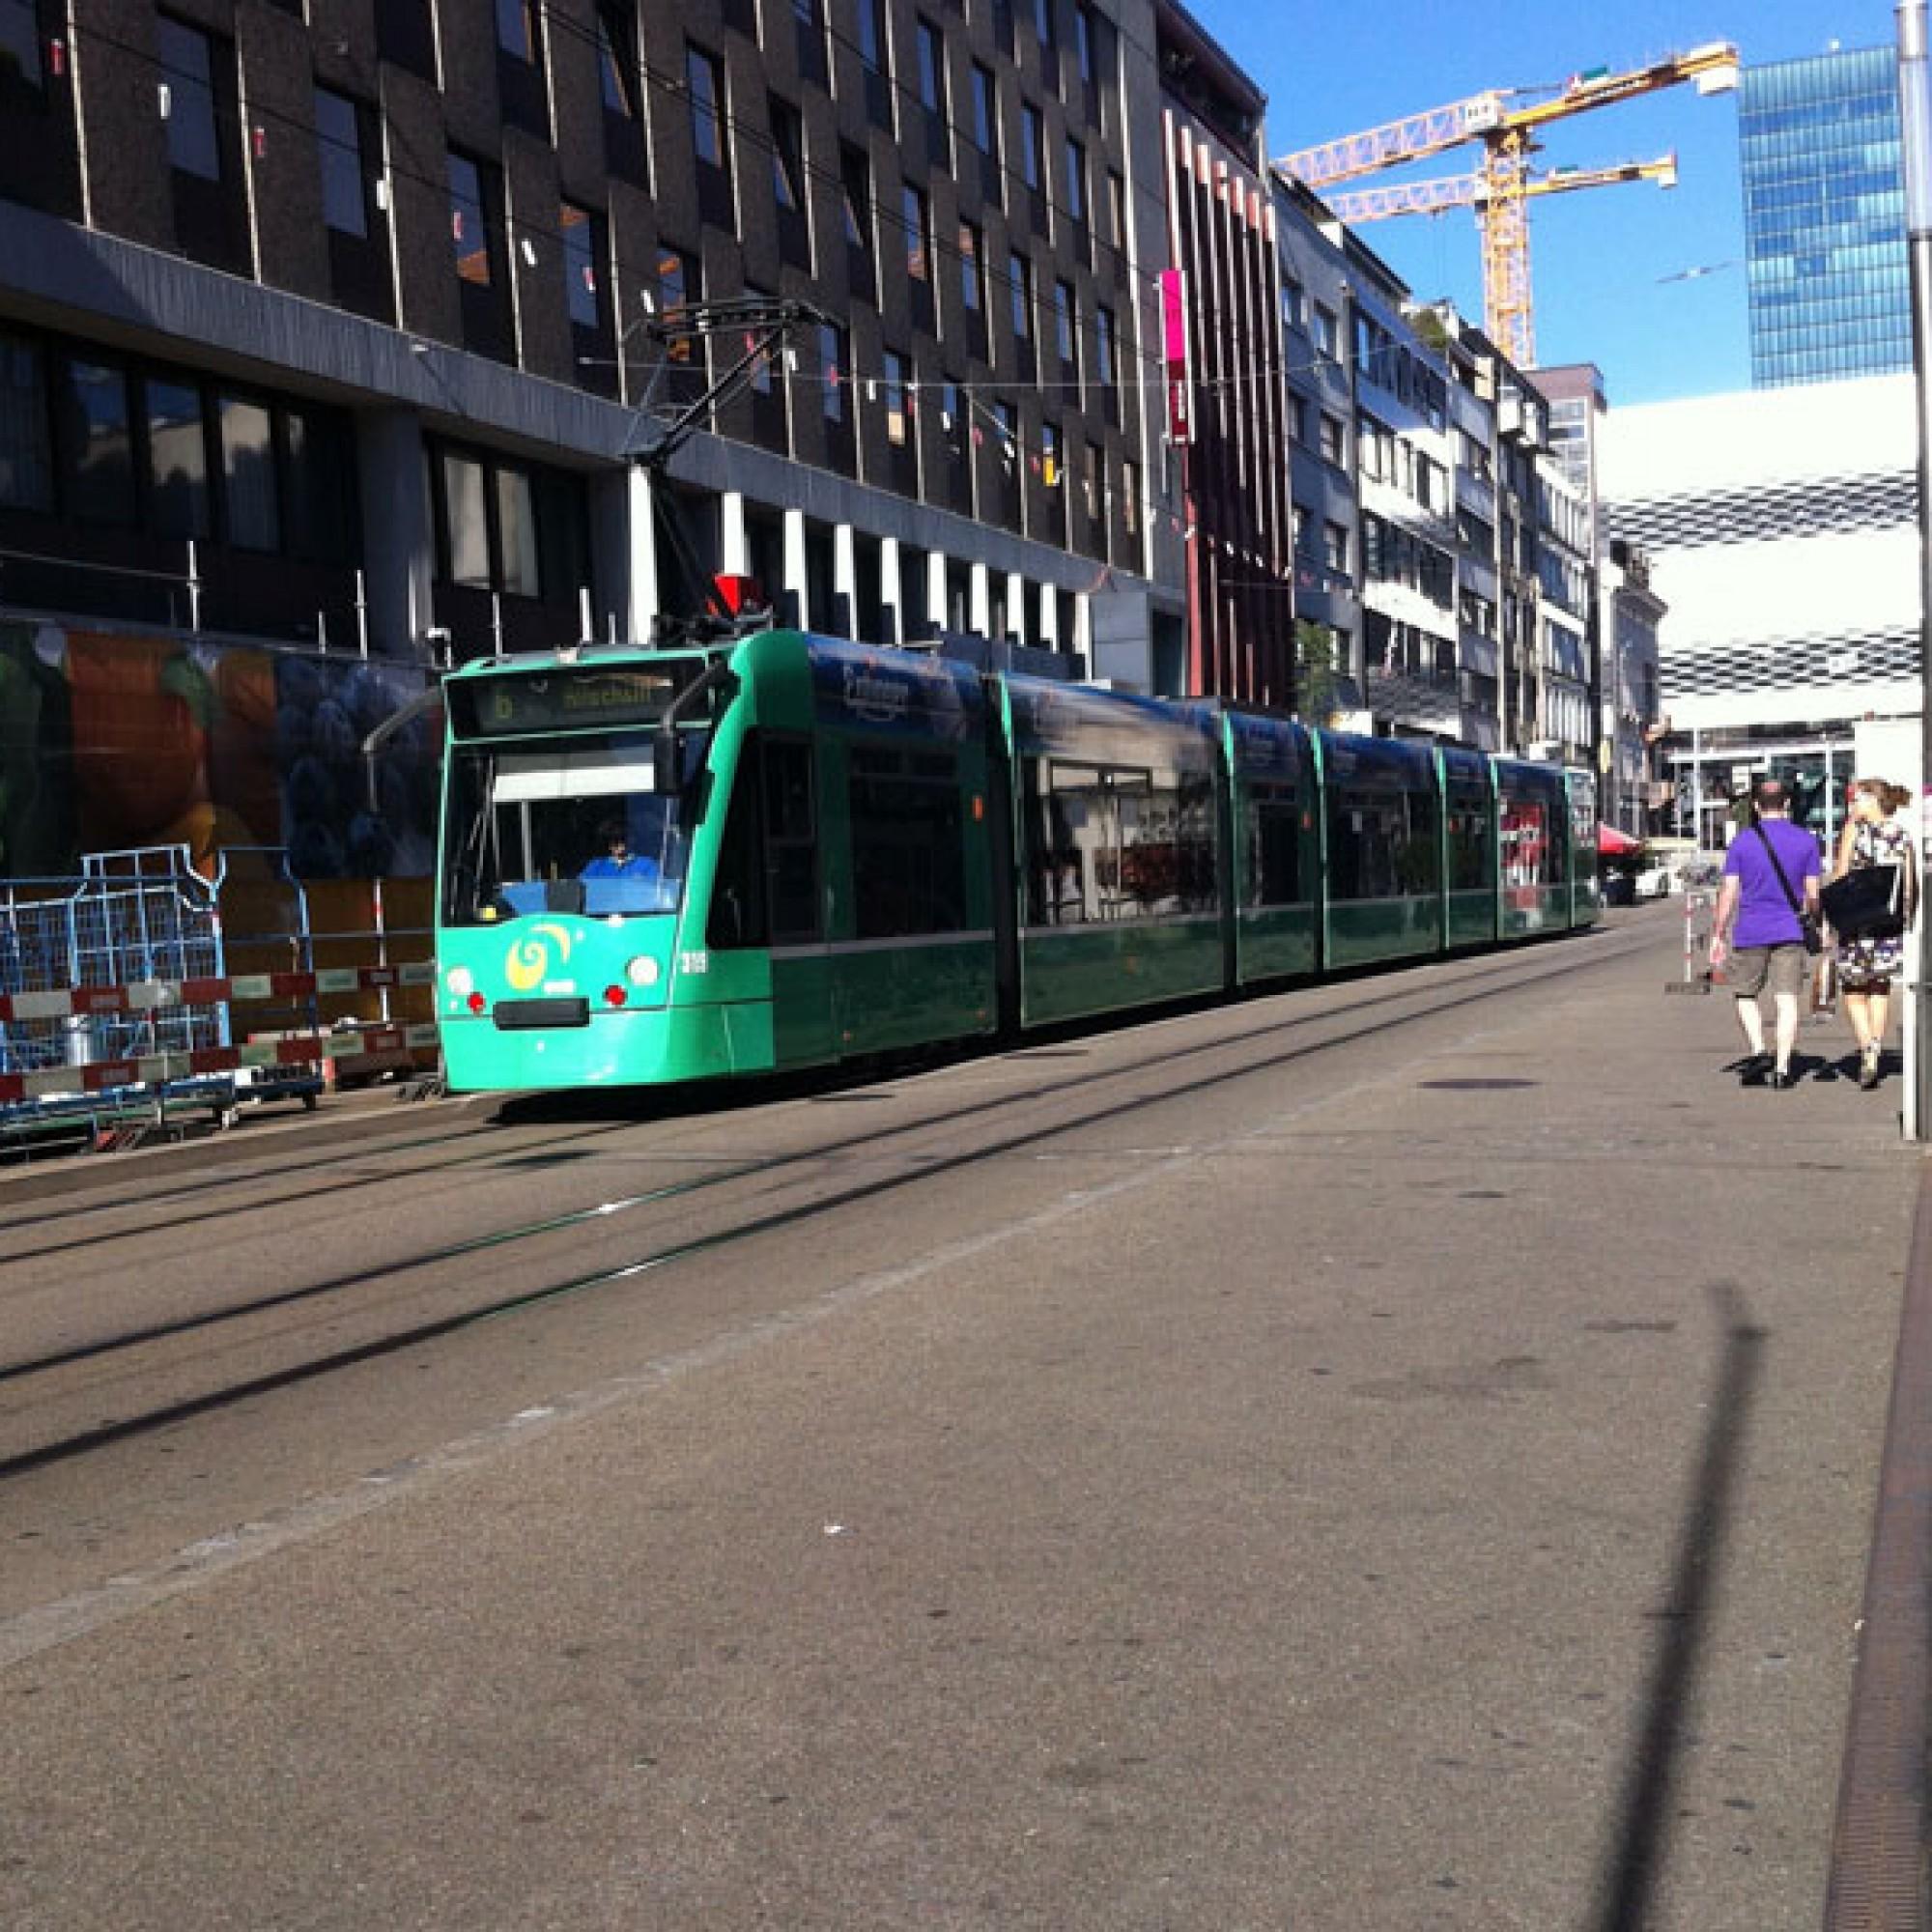 Die neuen Arbeitsplatz- und Wohngebiete in Basel sollen gut mit dem öffentlichen Verkehr erschlossen werden (flickr.com, Maria Keays, CC)